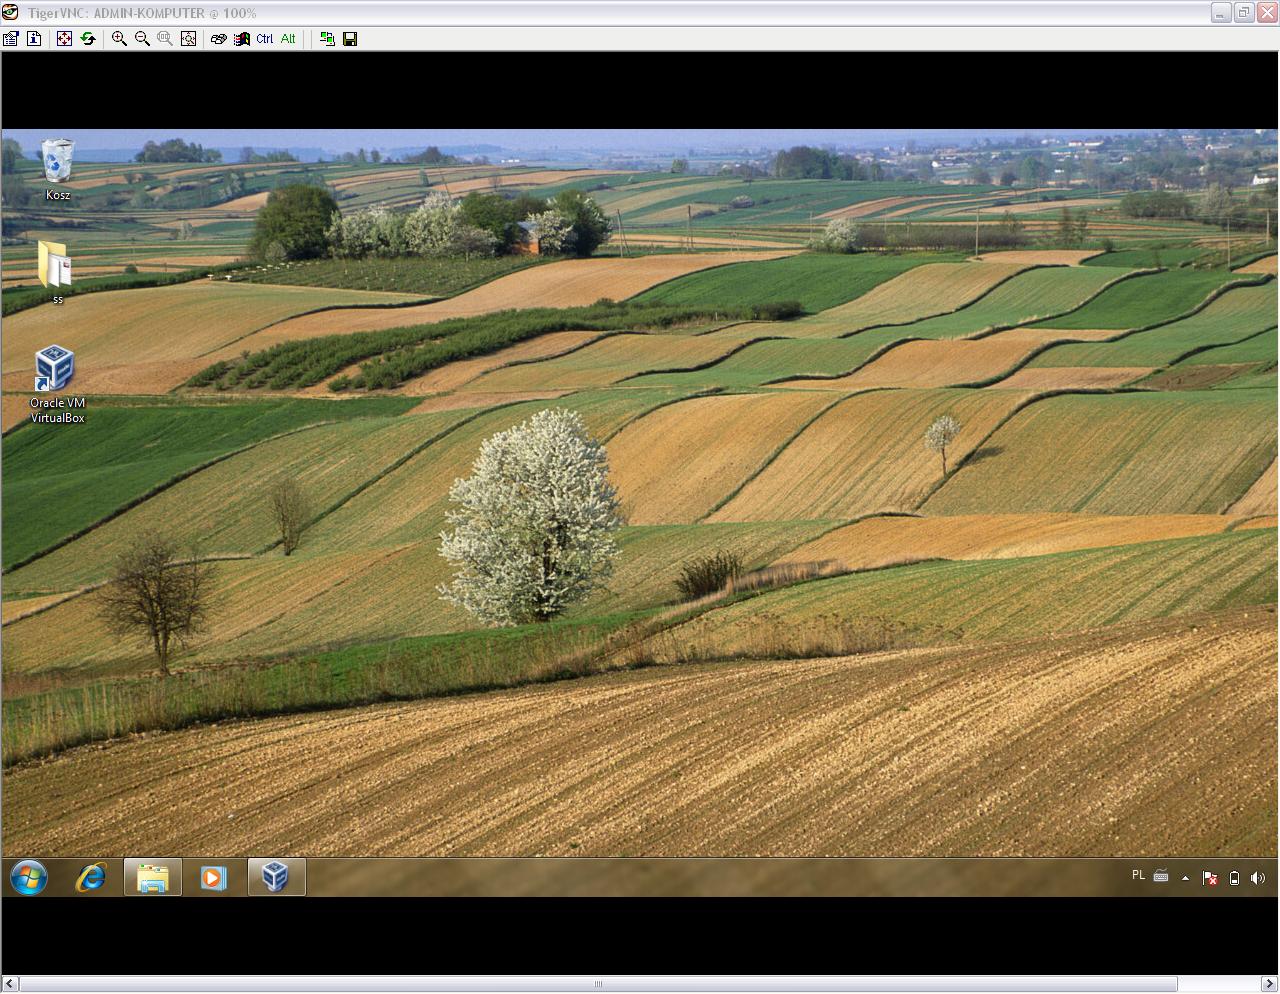 TigerVNC for Windows - Free Download - Zwodnik